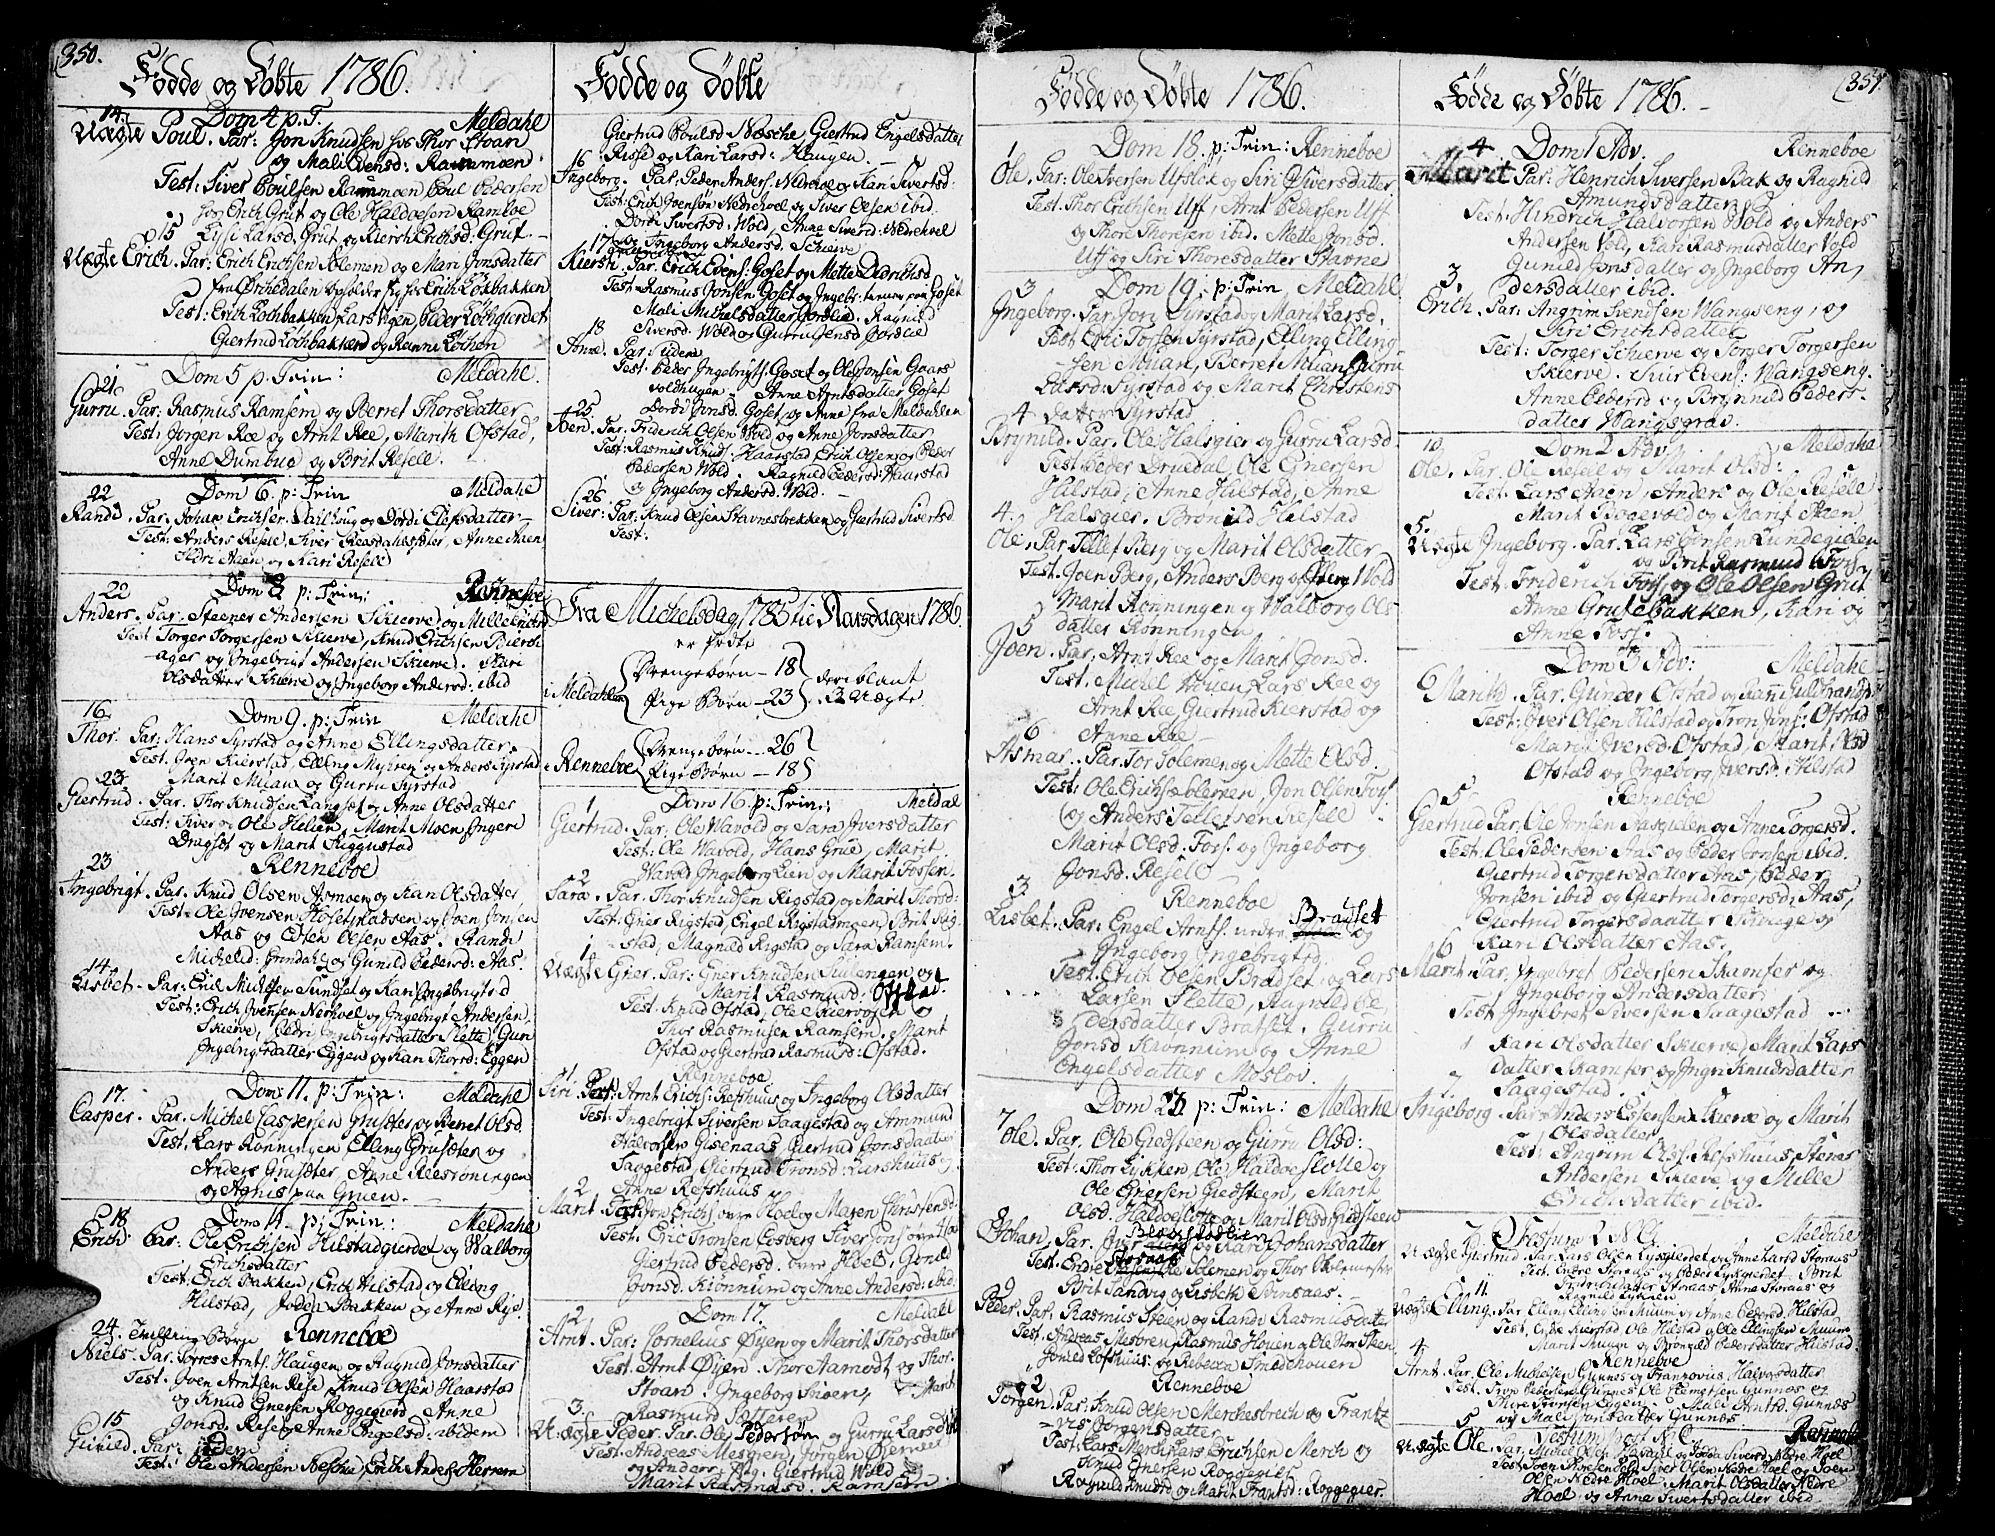 SAT, Ministerialprotokoller, klokkerbøker og fødselsregistre - Sør-Trøndelag, 672/L0852: Ministerialbok nr. 672A05, 1776-1815, s. 350-351